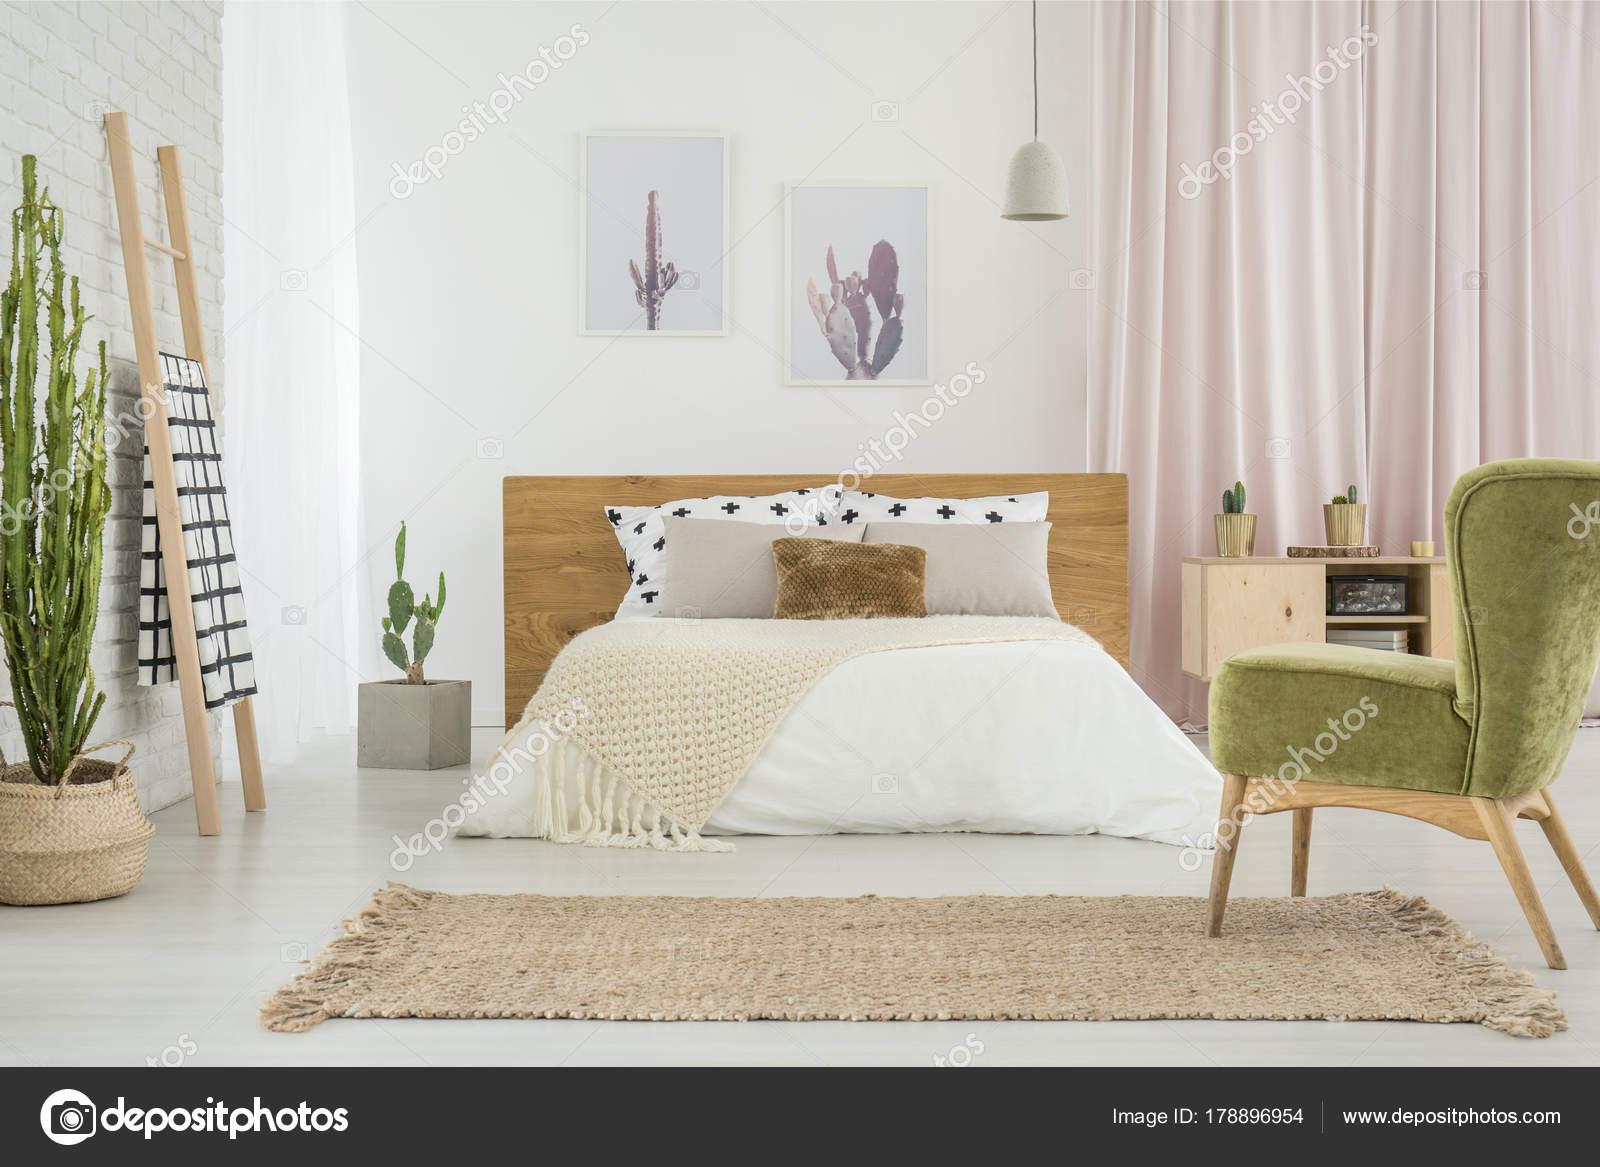 groene fauteuil in gezellige slaapkamer stockfoto